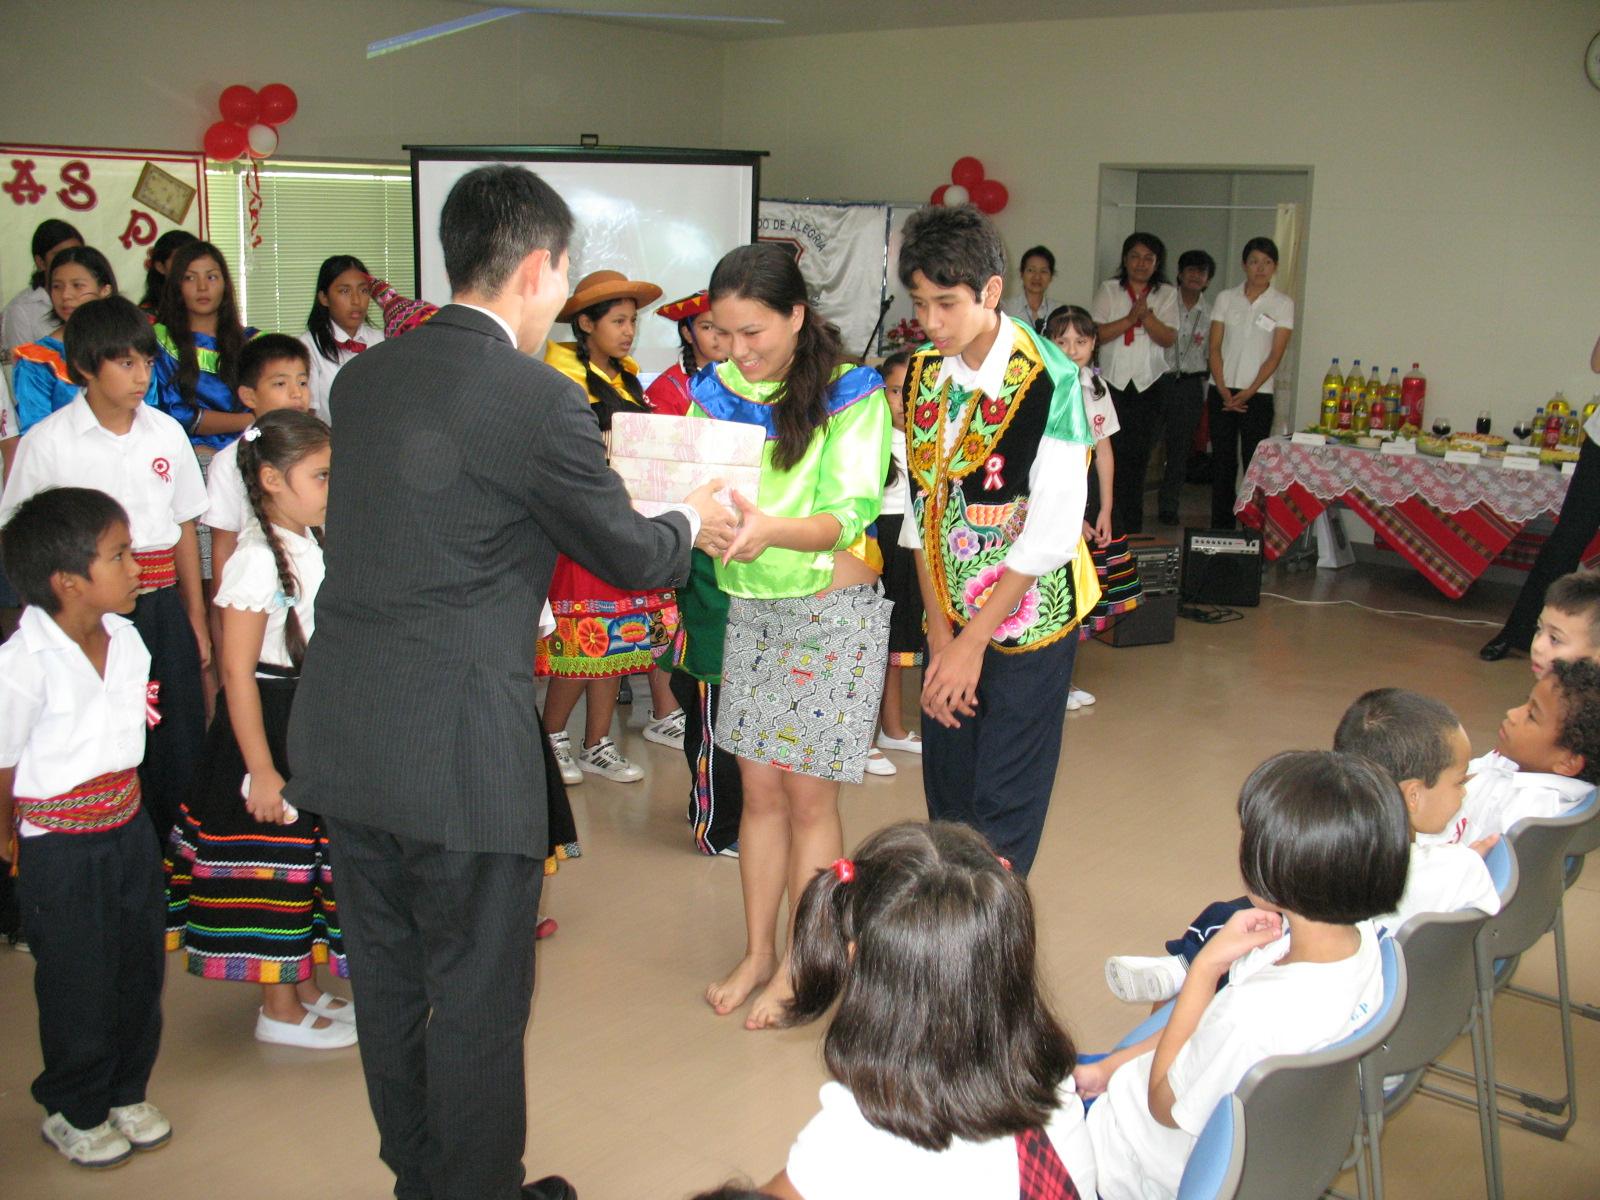 http://www.mundodealegria.org/images/IMG_7936.jpg